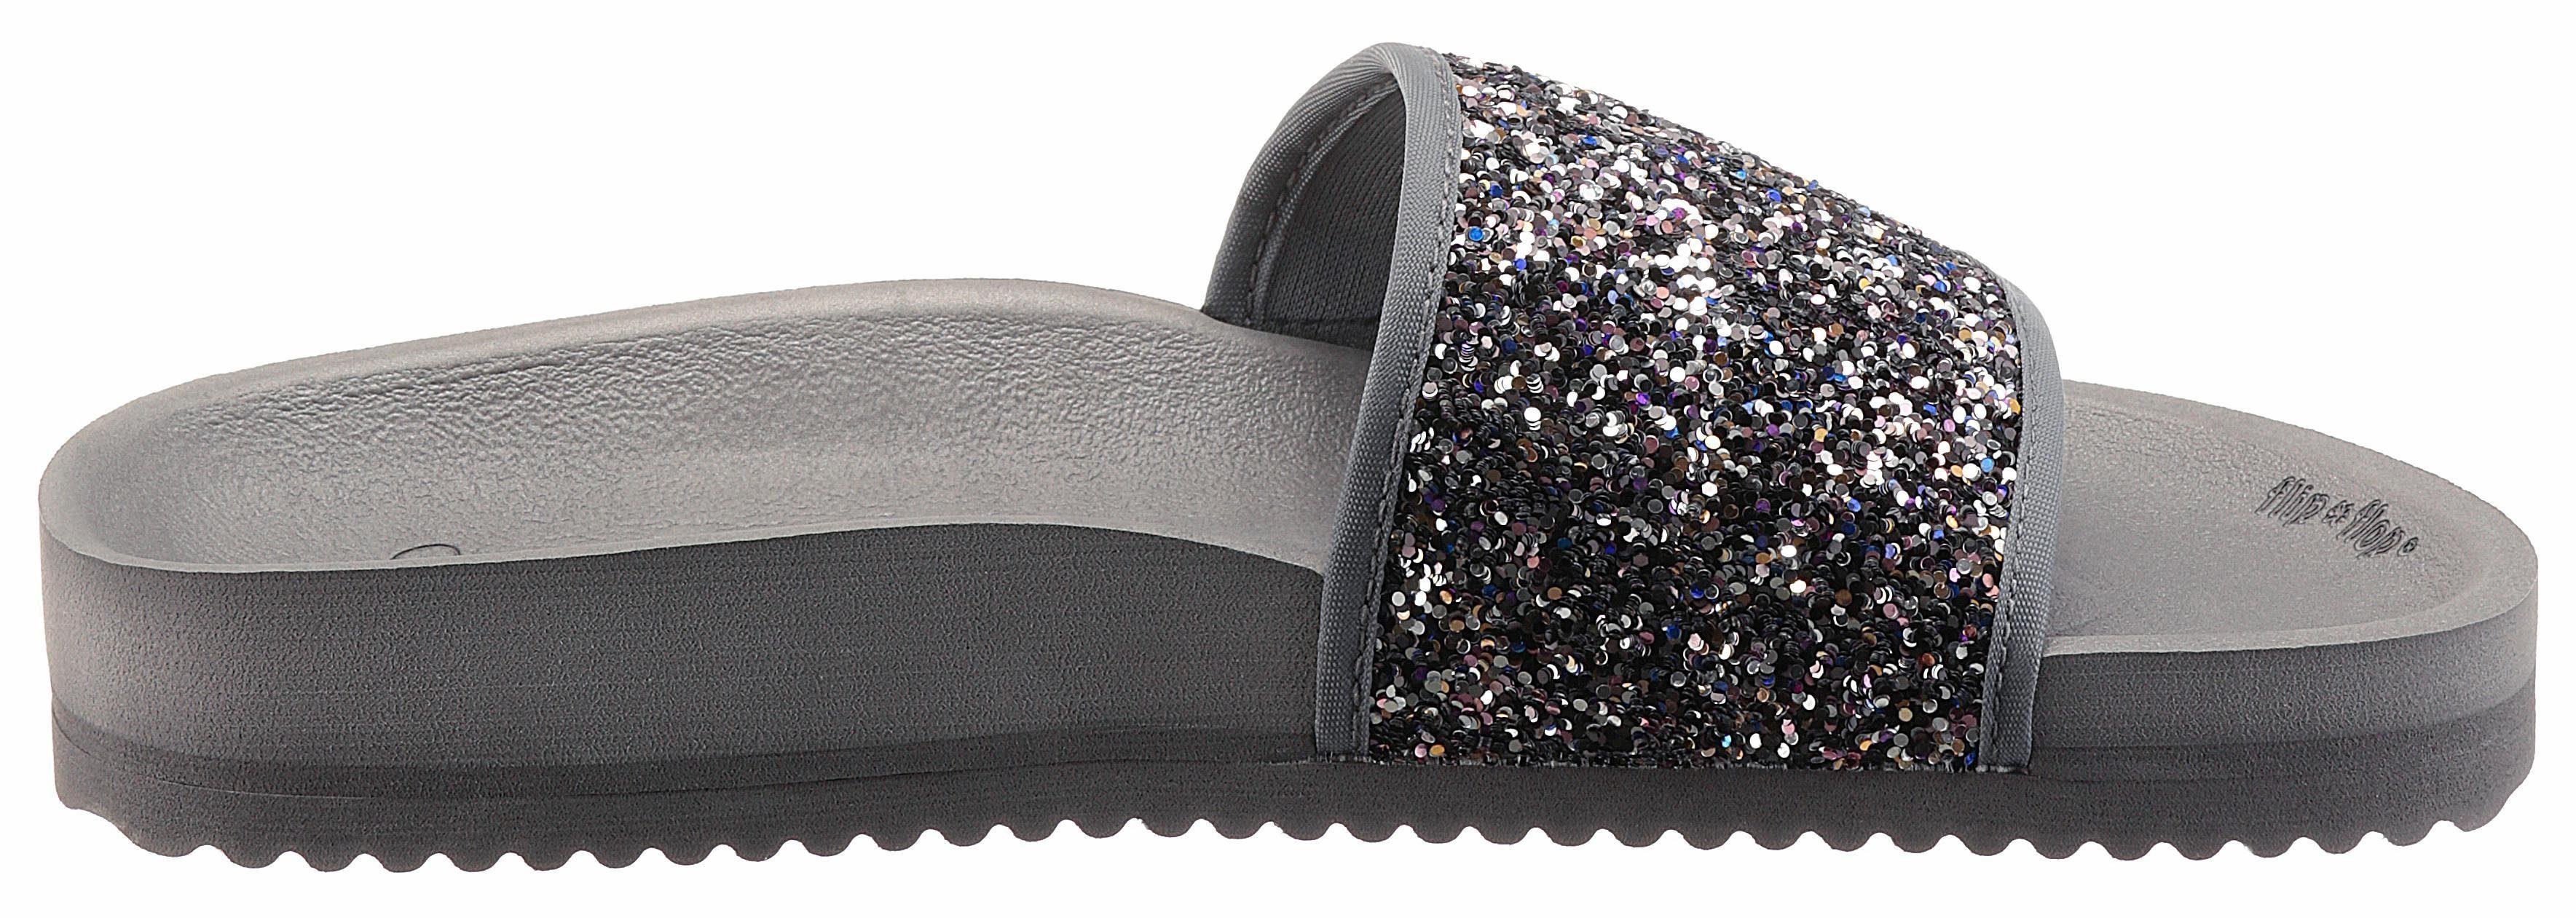 Flip Flop Pantolette, mit Glitter online kaufen  grau